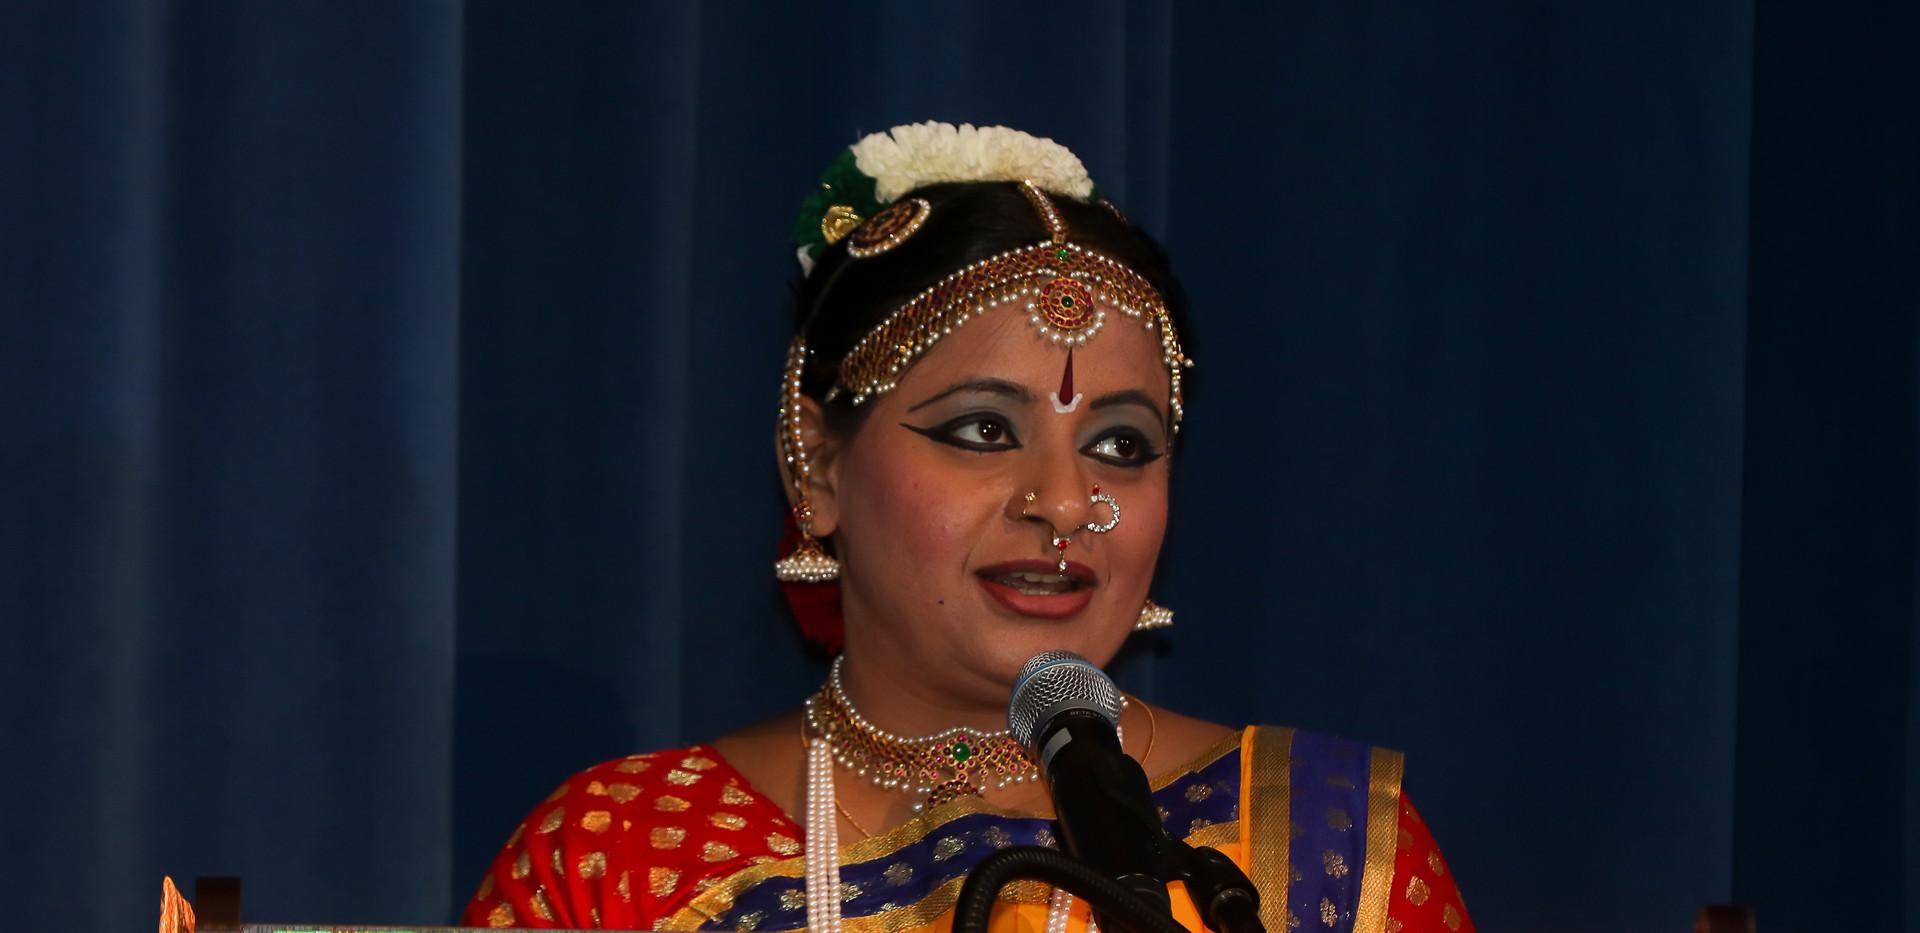 Master of Ceremony - Priya Shivkumar